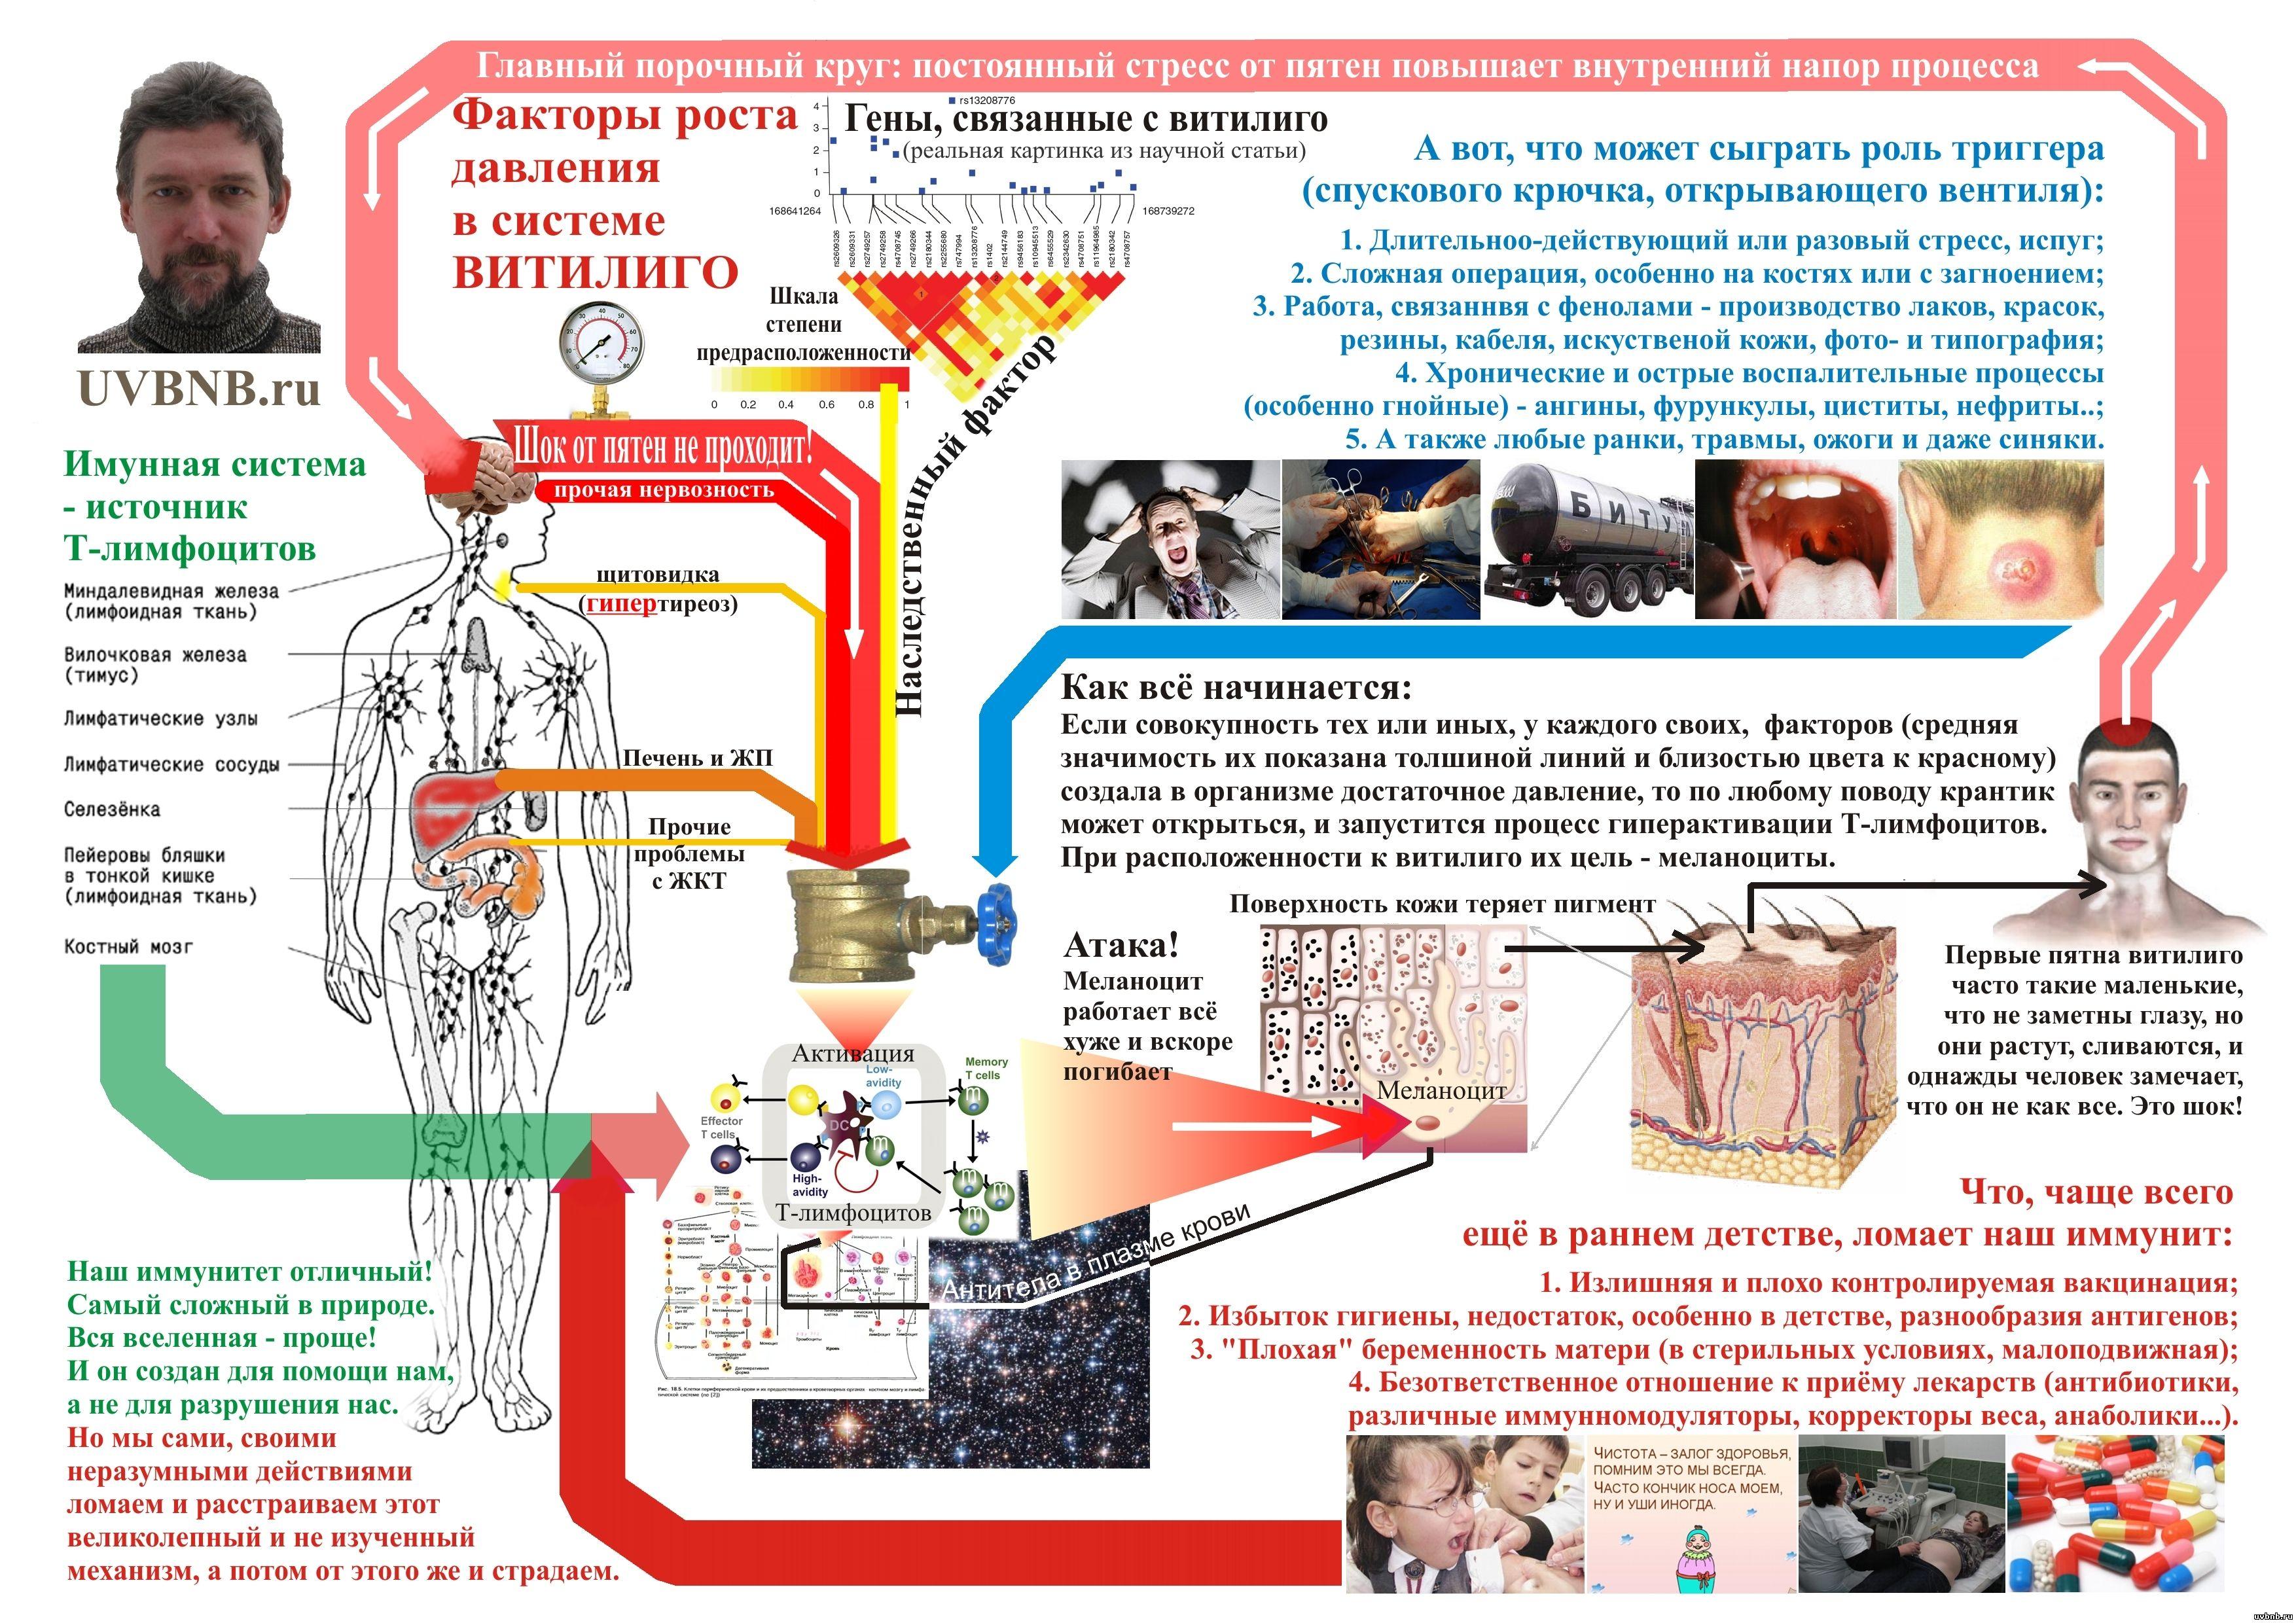 Клиника Сиена-Мед предлагает услуги лечения псориаза в Воронеже по НИЗКИМ